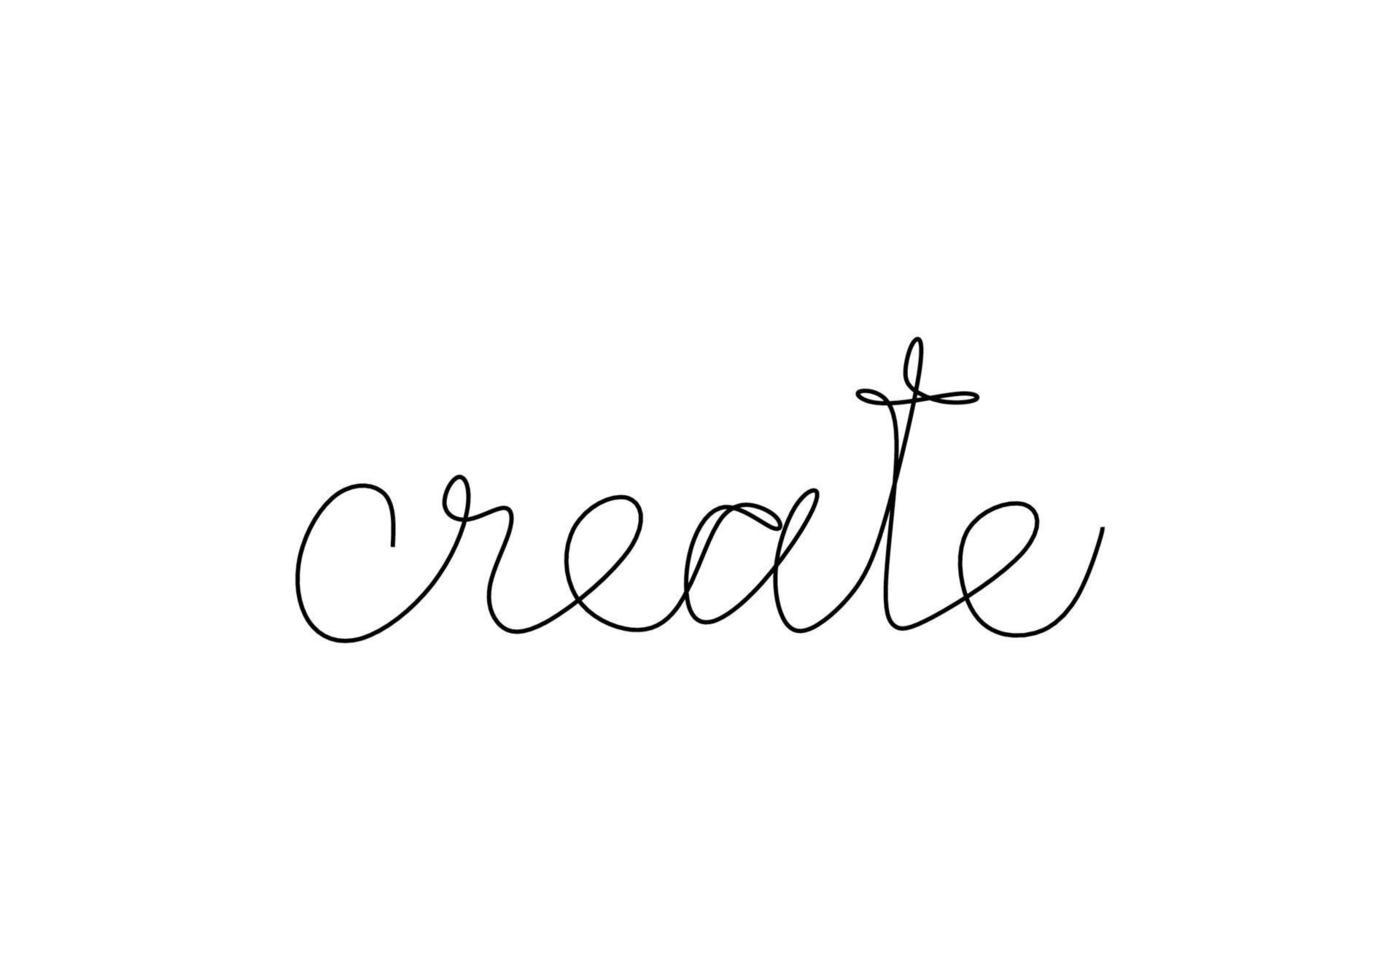 palabra de creación manuscrita de una línea. letras dibujadas a mano. caligrafía. dibujo de una línea de frase. el dibujo de línea negra continua crea la palabra. concepto de palabra minimalista. vector